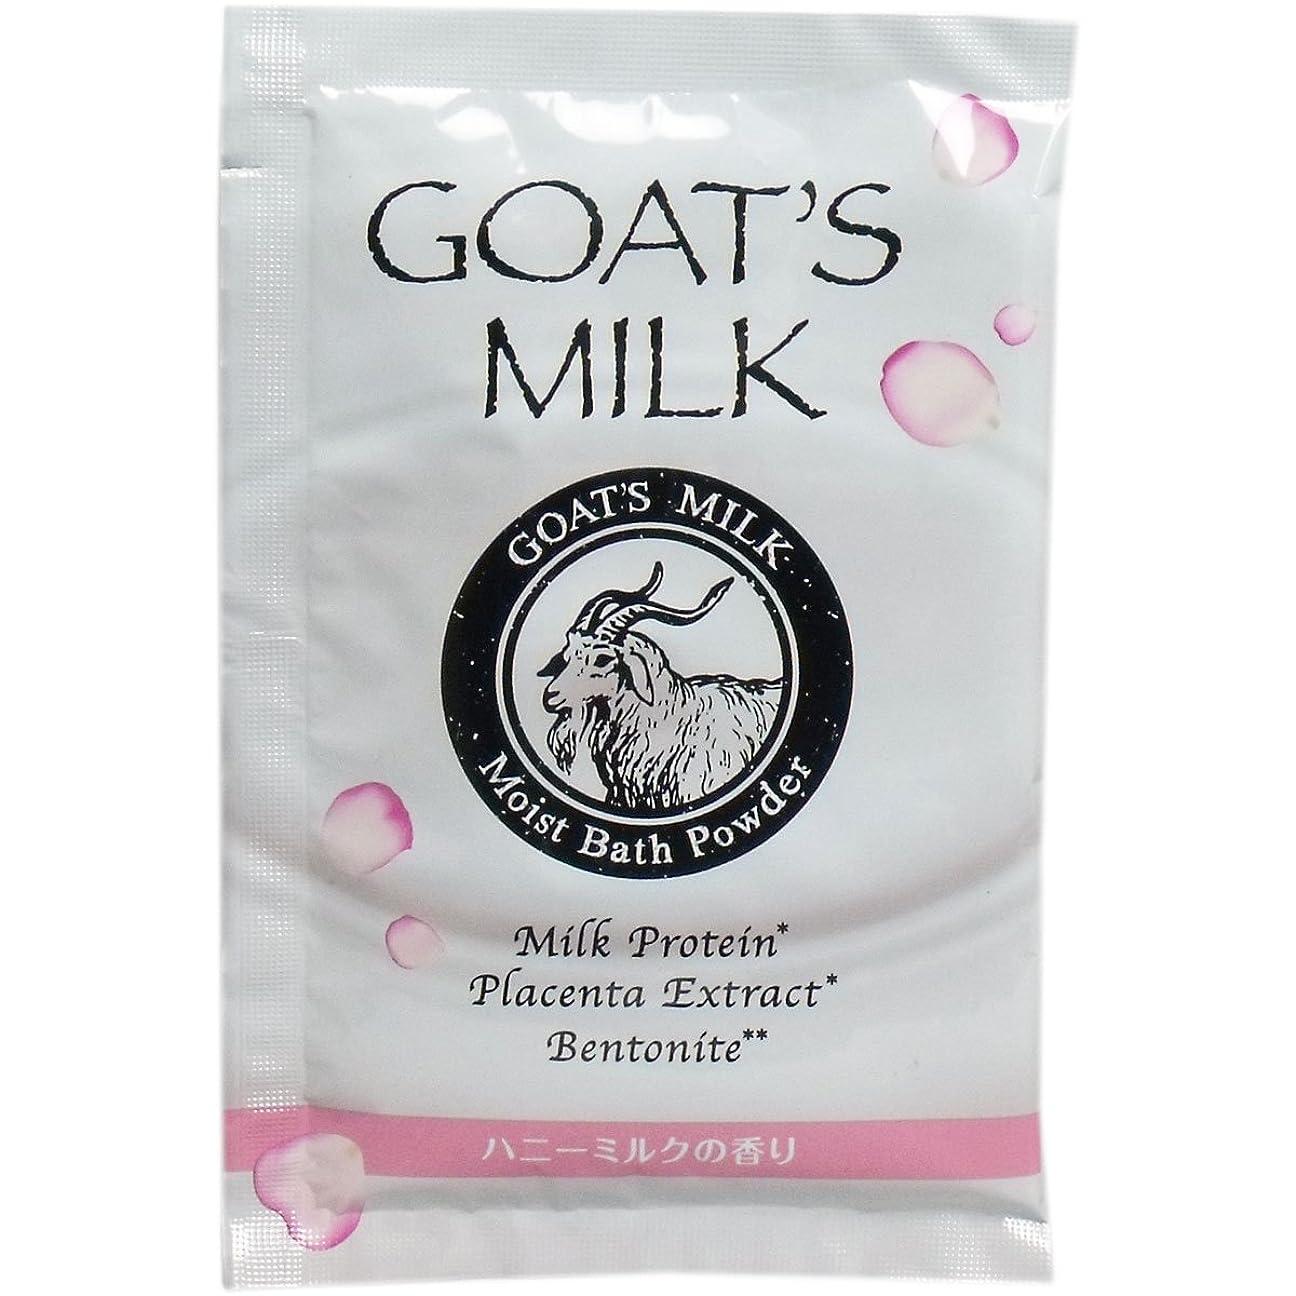 違法最後に検査官GOAT'S MILK(ゴートミルク) スキンバス入浴剤 ハニーミルクの香り 50g入